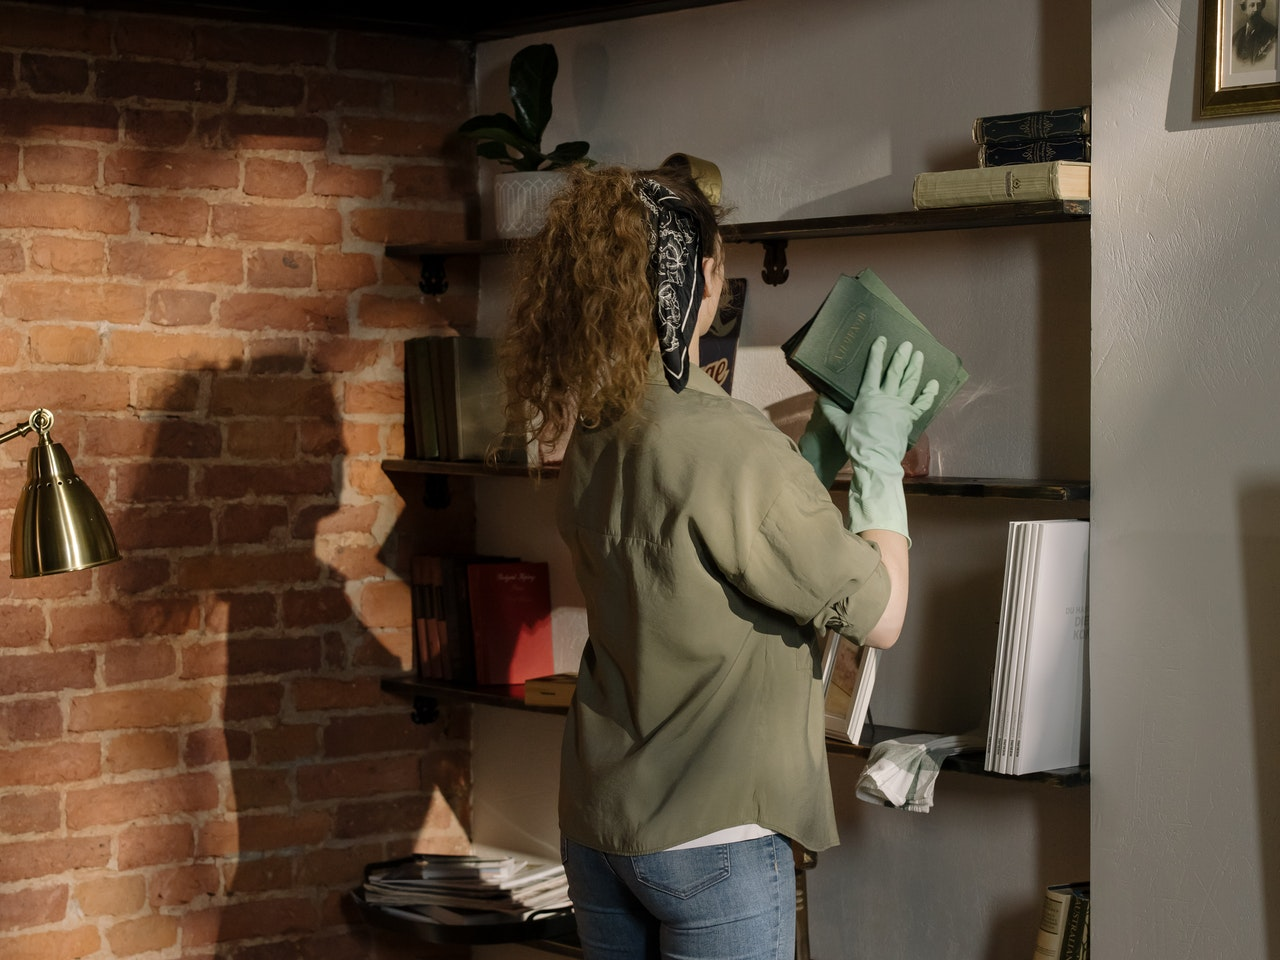 Frau putzt Regale